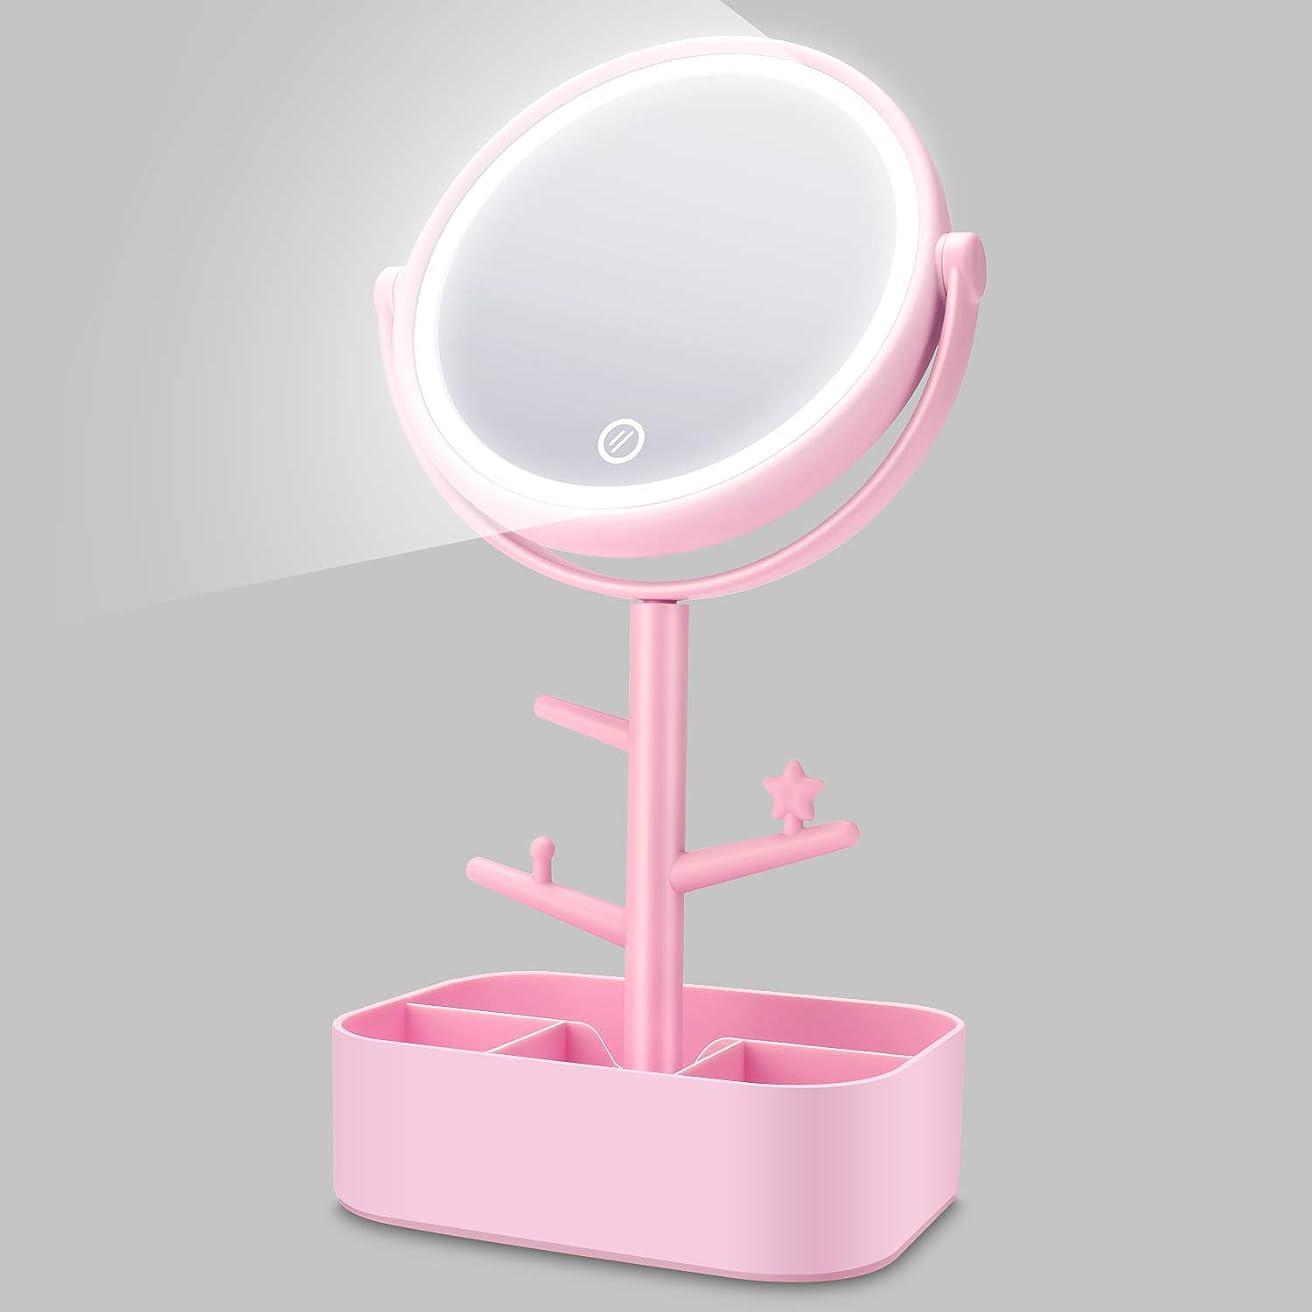 ラケットたらい変形化粧鏡 LED 卓上鏡 メイク 女優 スタンドミラー LEDライト付き 明るさ調節可 充電式 360度回転 収納 自然光 柔らかい光 折りたたみ式 USB/乾電池給電 ホワイト (ピンク)